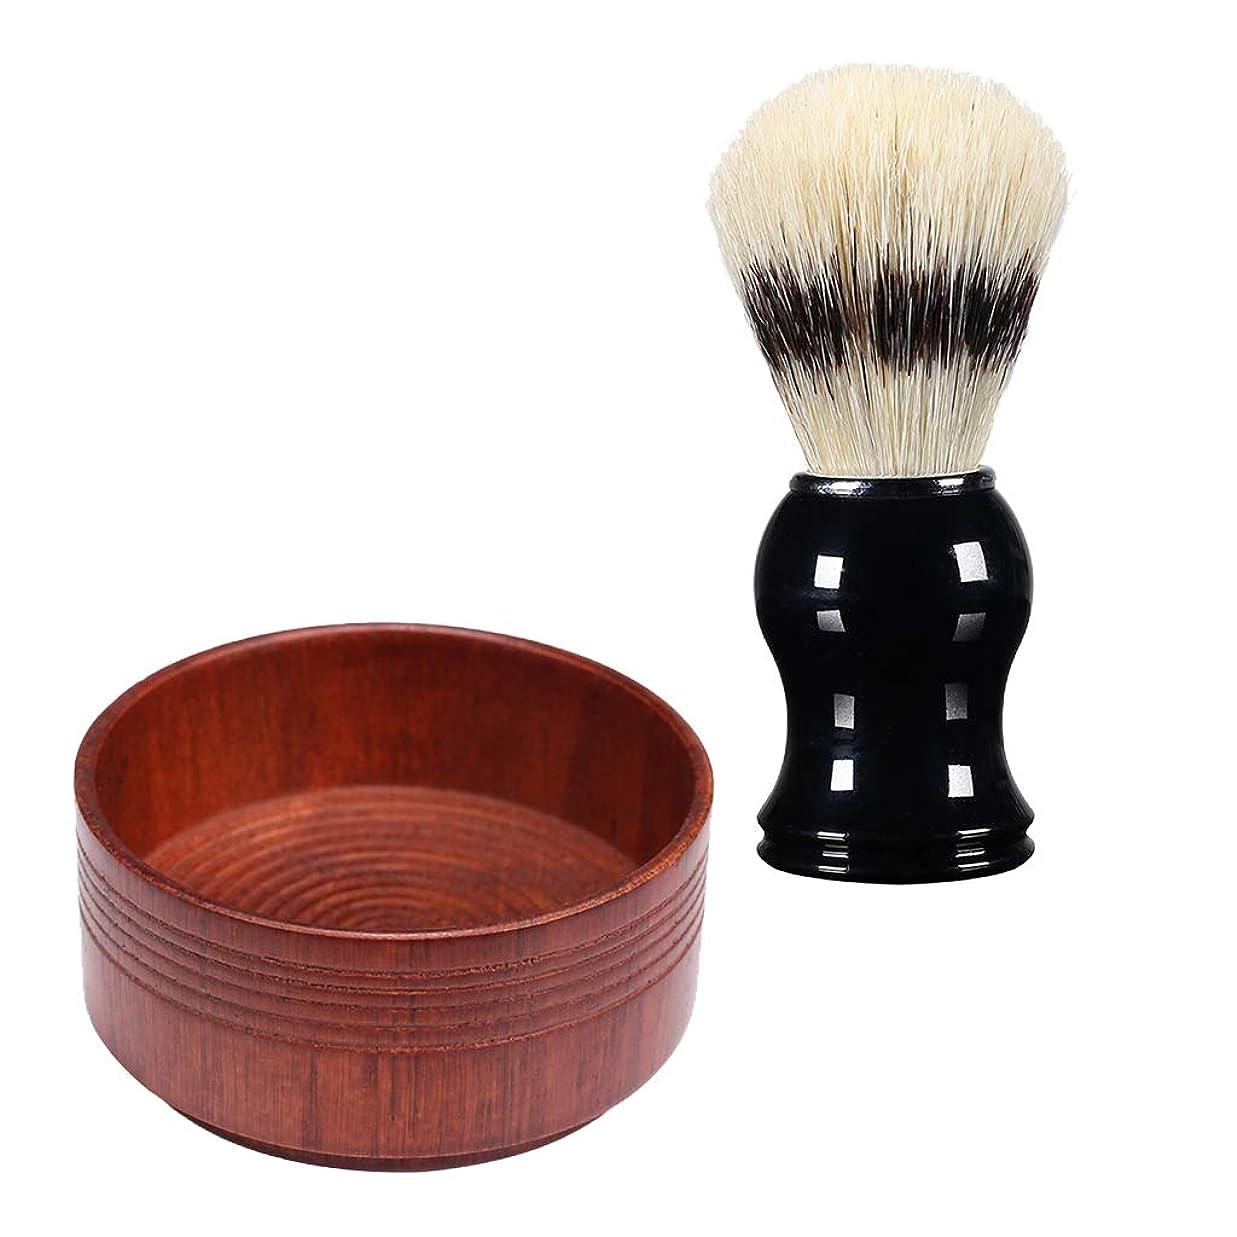 入学するラボドレス全3スタイル シェービングブラシセット シェービングボウル メンズ用 理容 洗顔 髭剃り プレゼント - 03, 説明のとおり